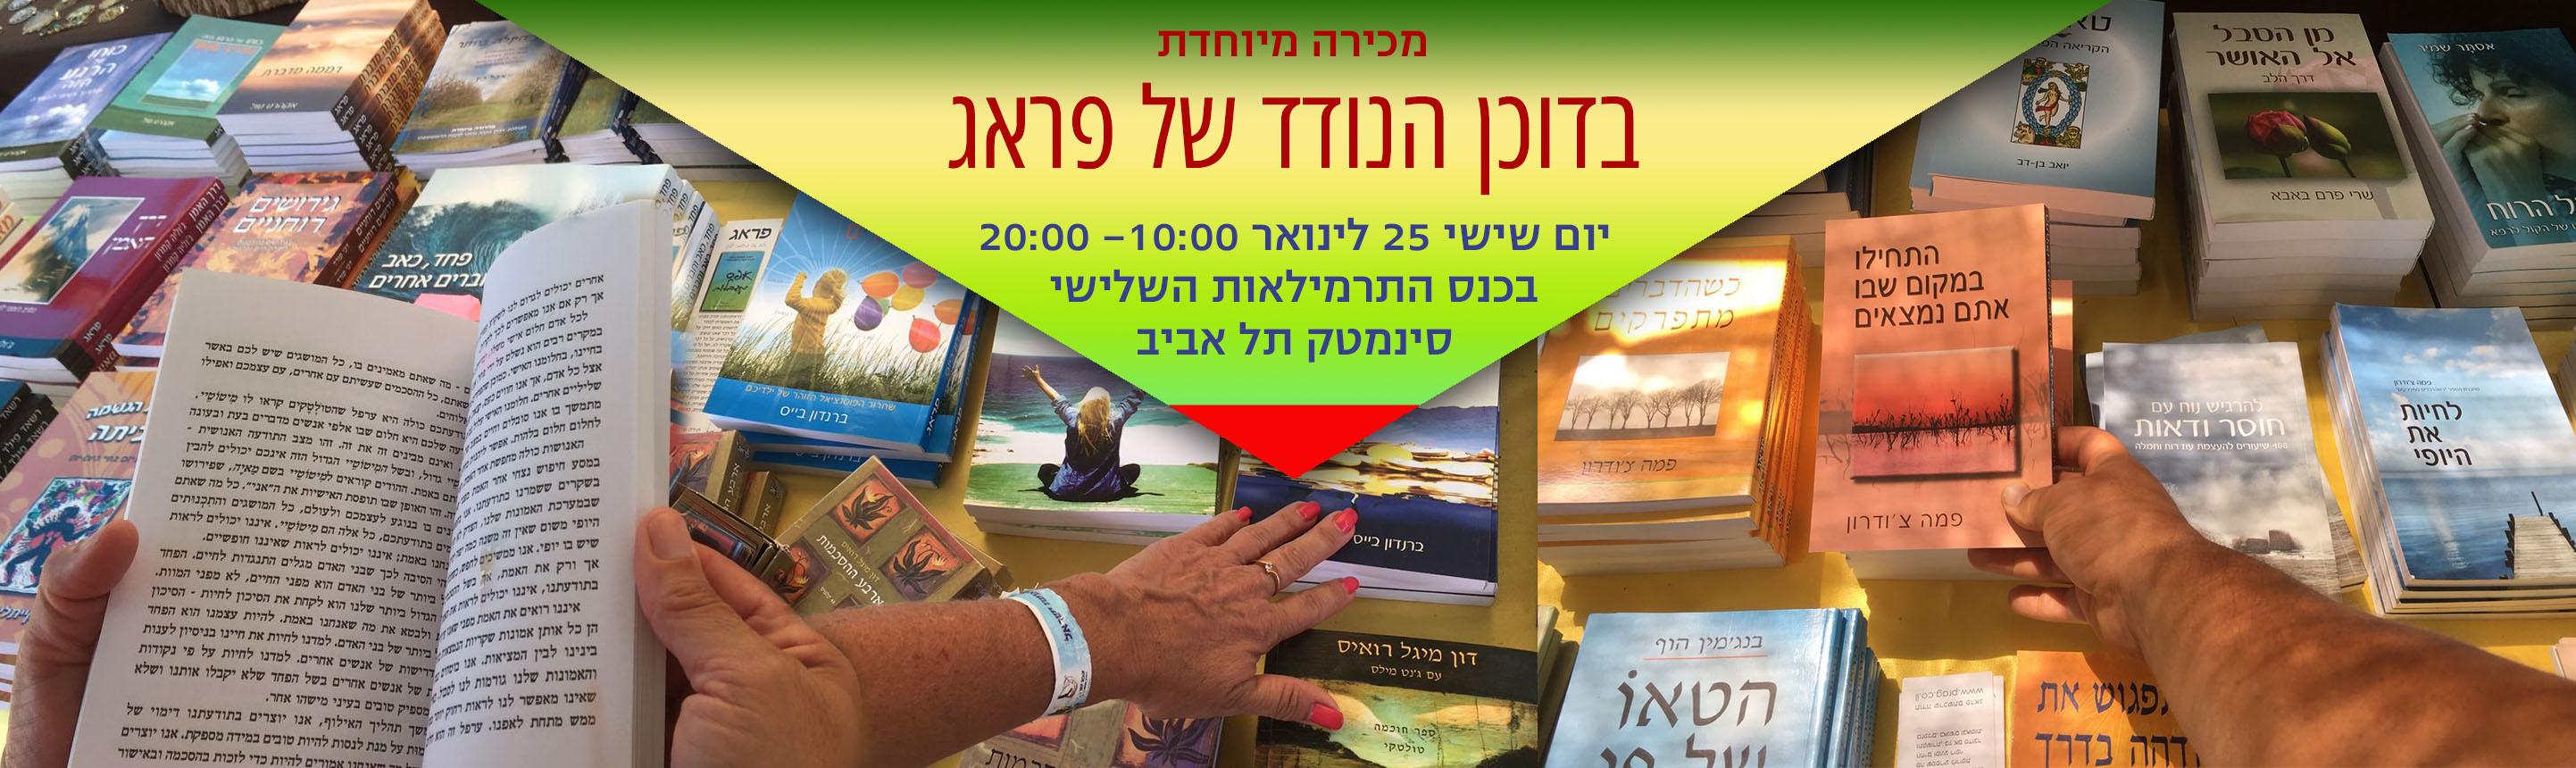 יום שישי 25 לינואר 10:00– 20:00 בכנס התרמילאות השלישי סינמטק תל אביב